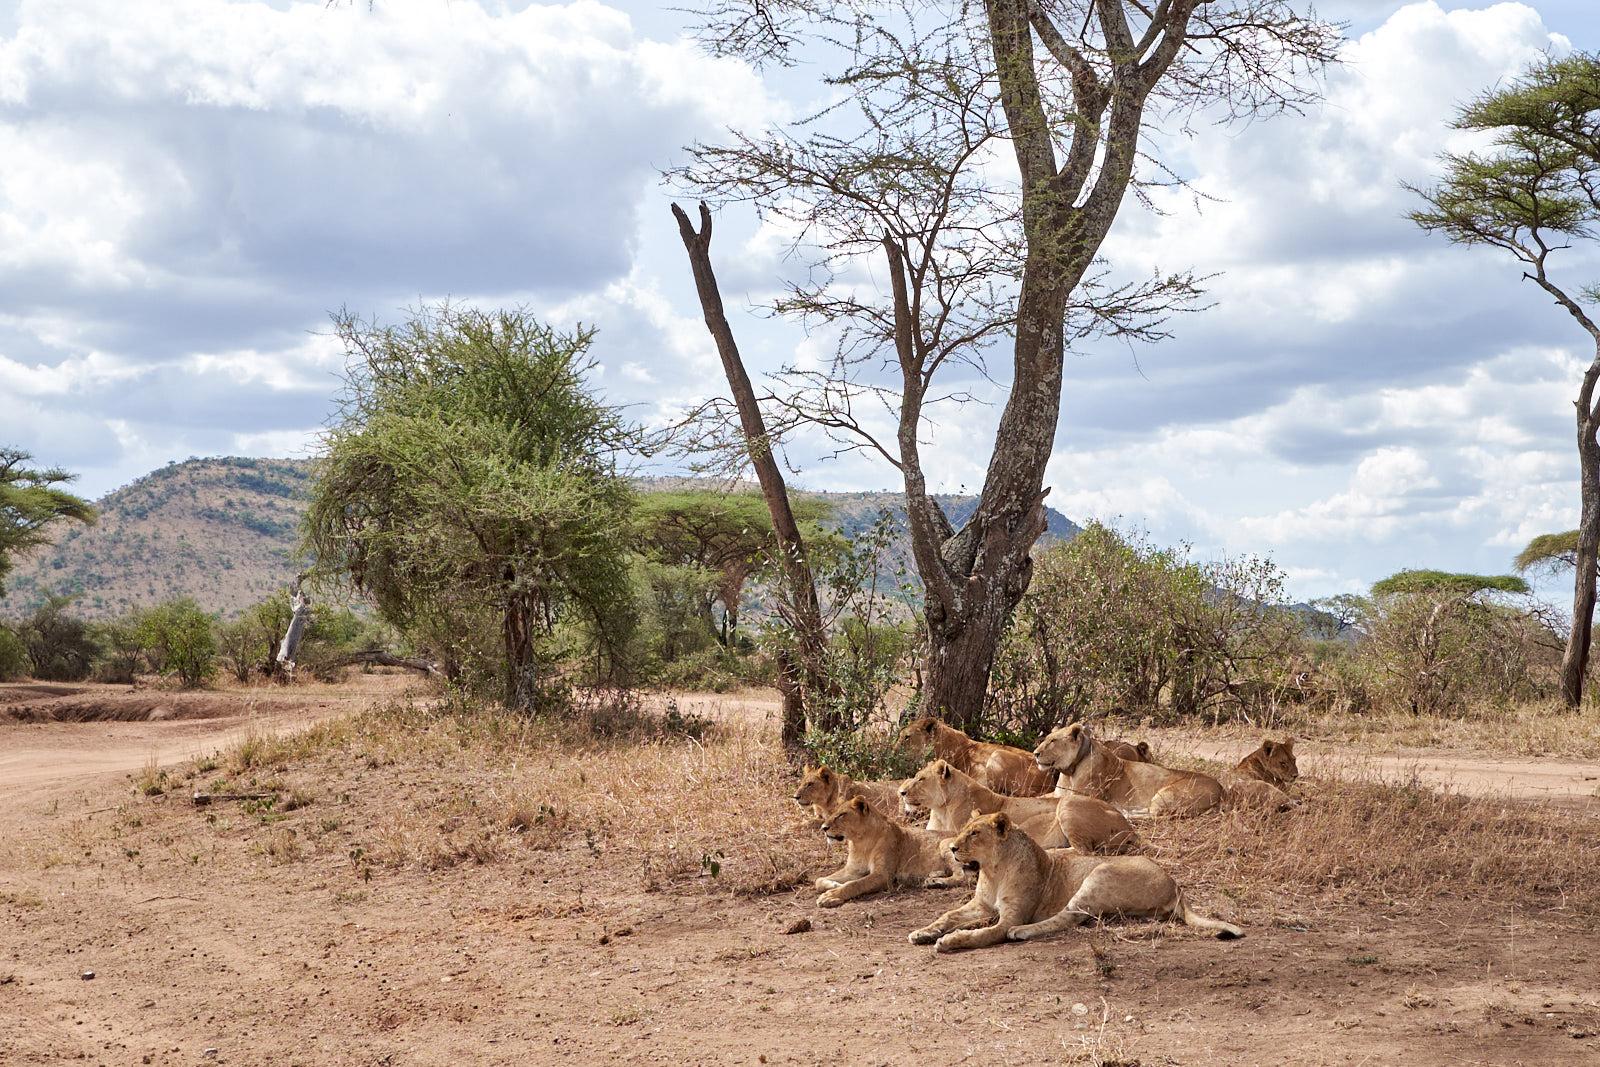 Löwenrudel in der Serengeti